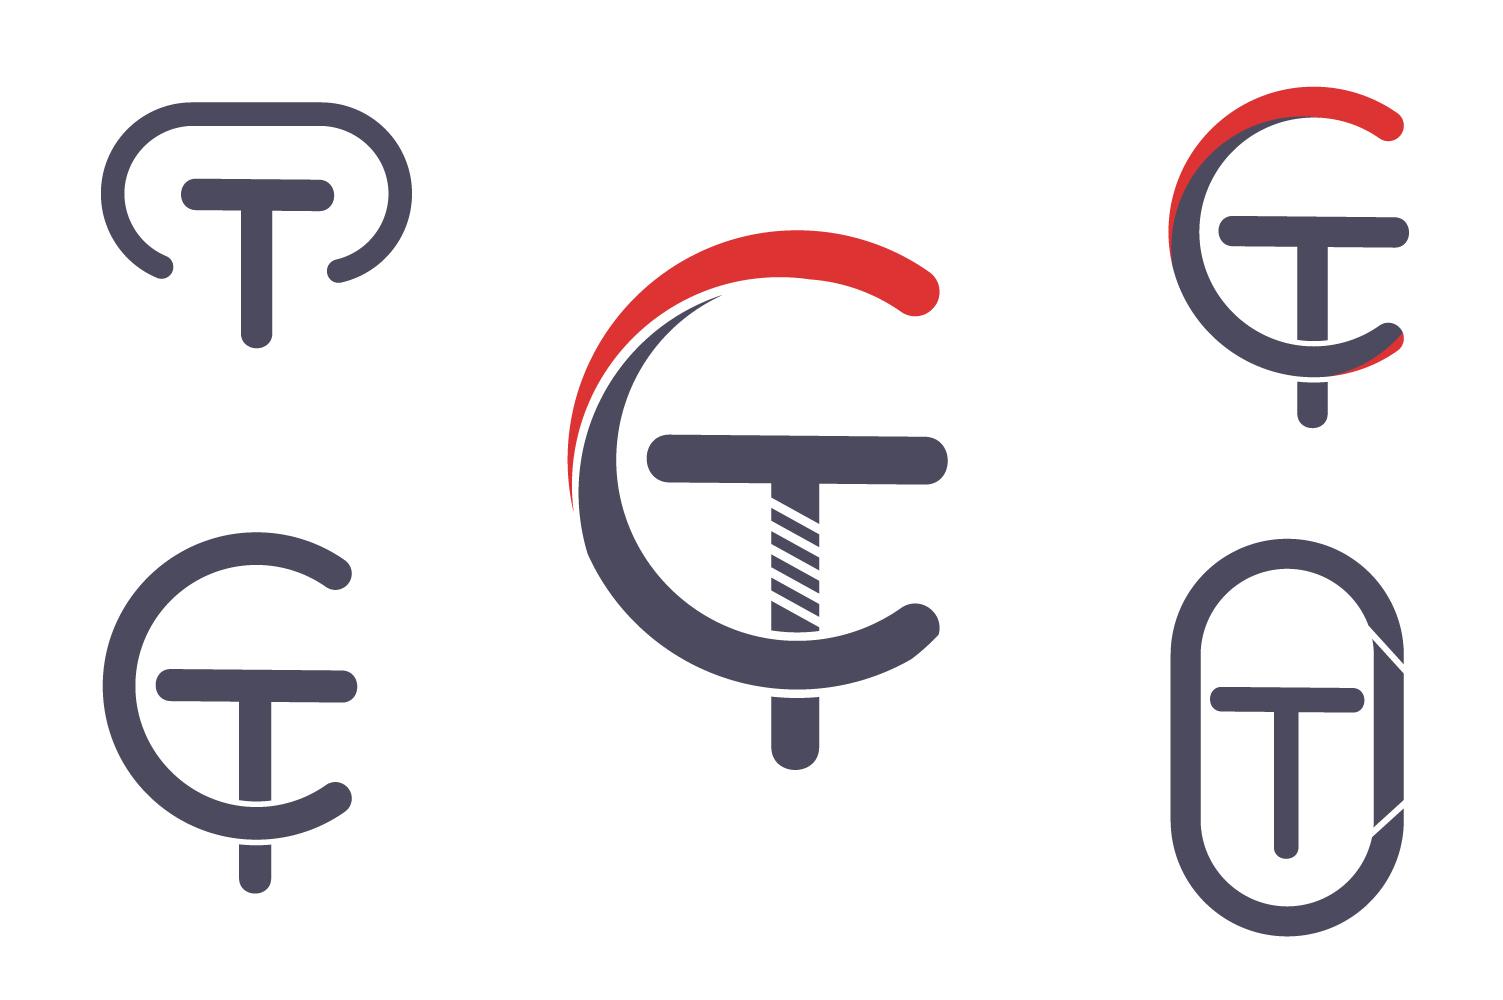 Разработка логотипа и фирм. стиля компании  ТЕХСНАБ фото f_6425b1bdb47062bf.jpg